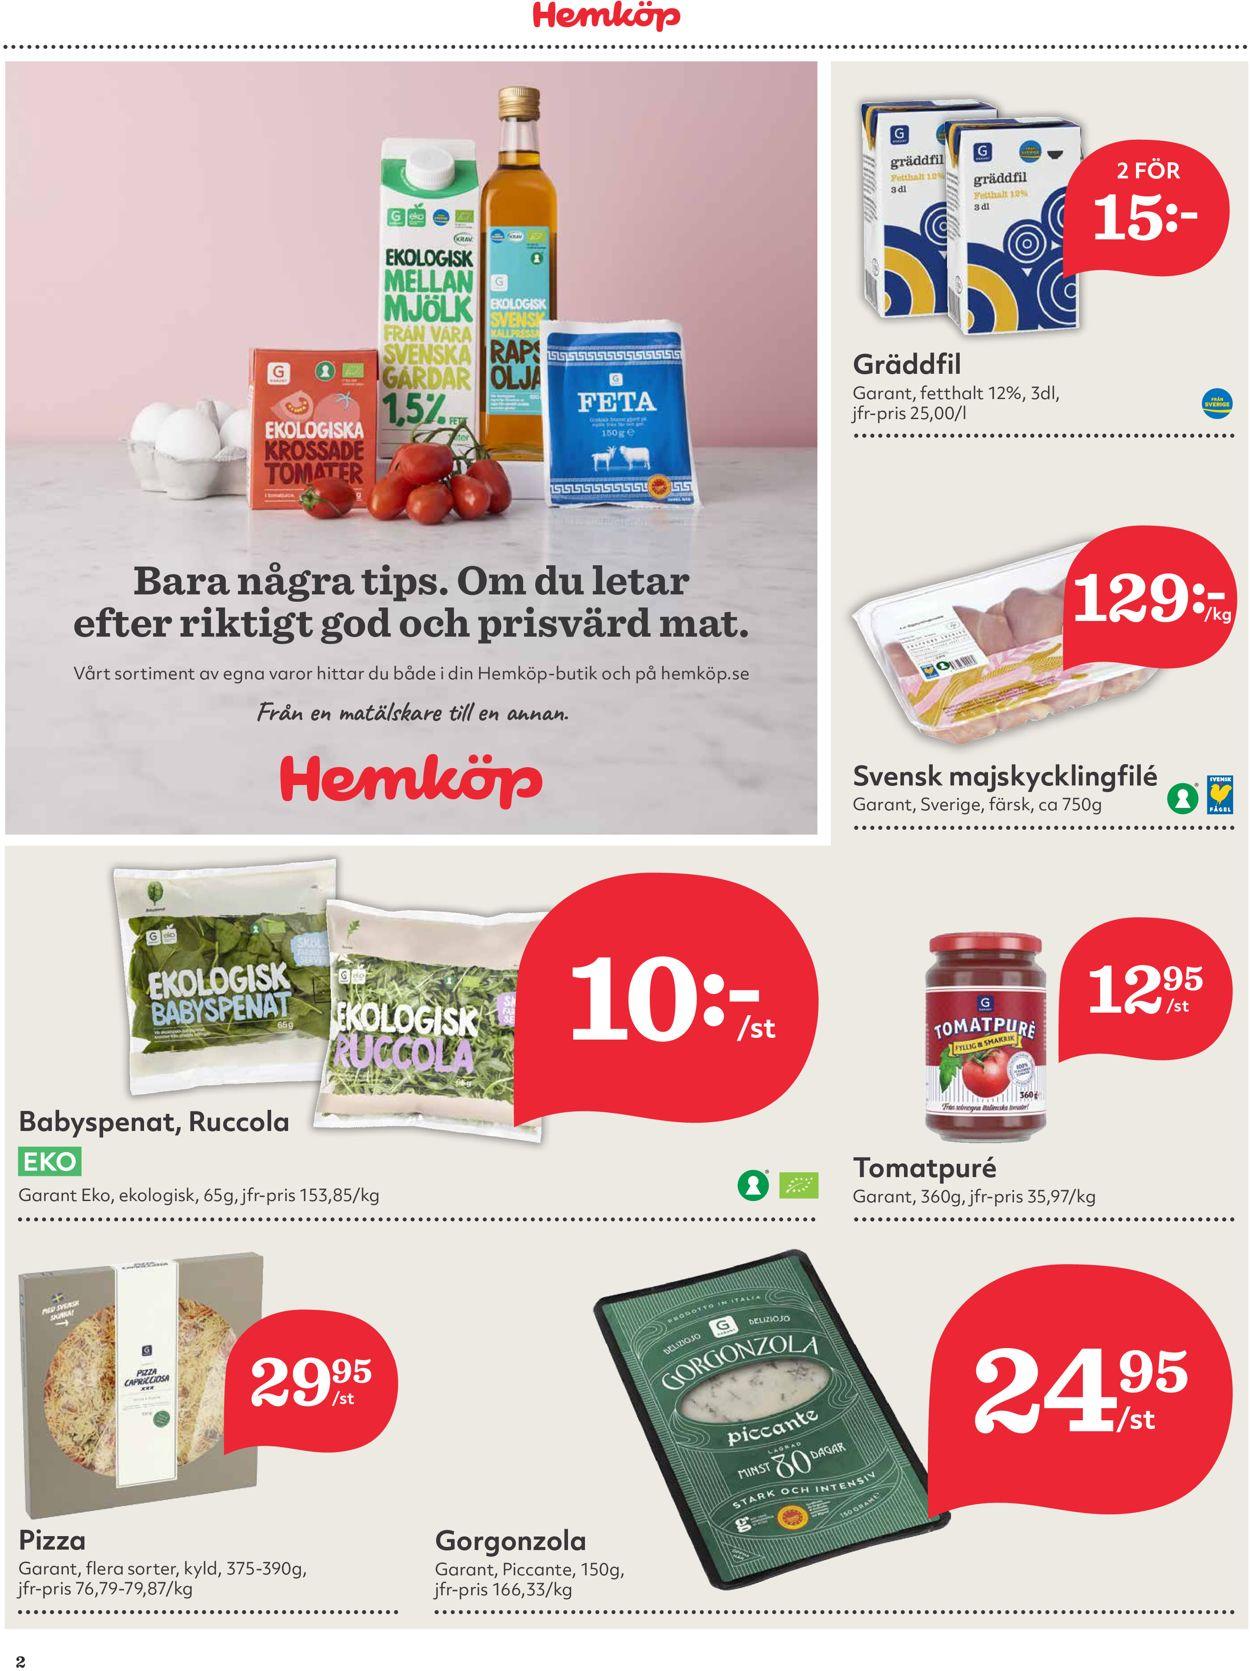 Reklamblad Hemköp från 08/03-2021